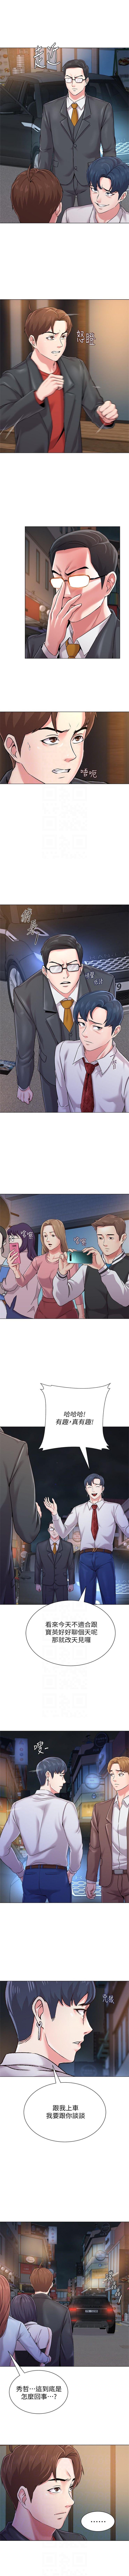 老師 1-80 官方中文(連載中) 251